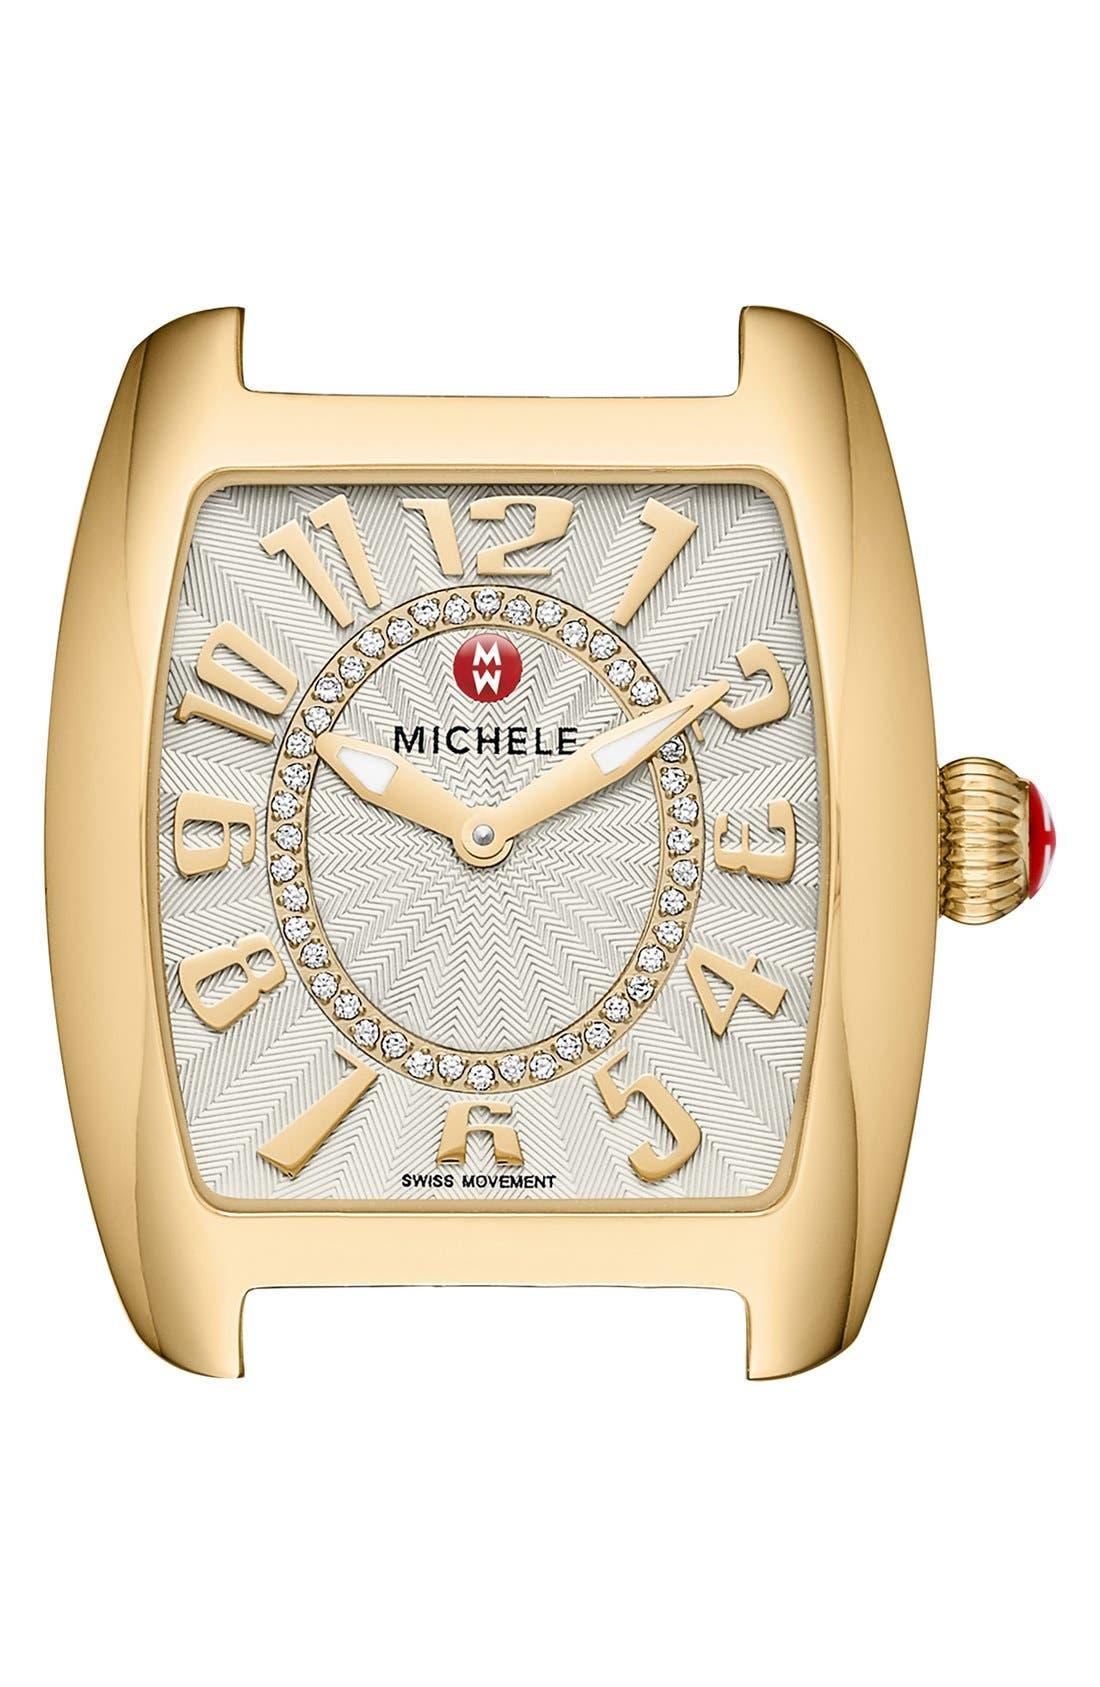 MICHELE Urban Mini Diamond Dial Watch Head, 29mm x 31mm